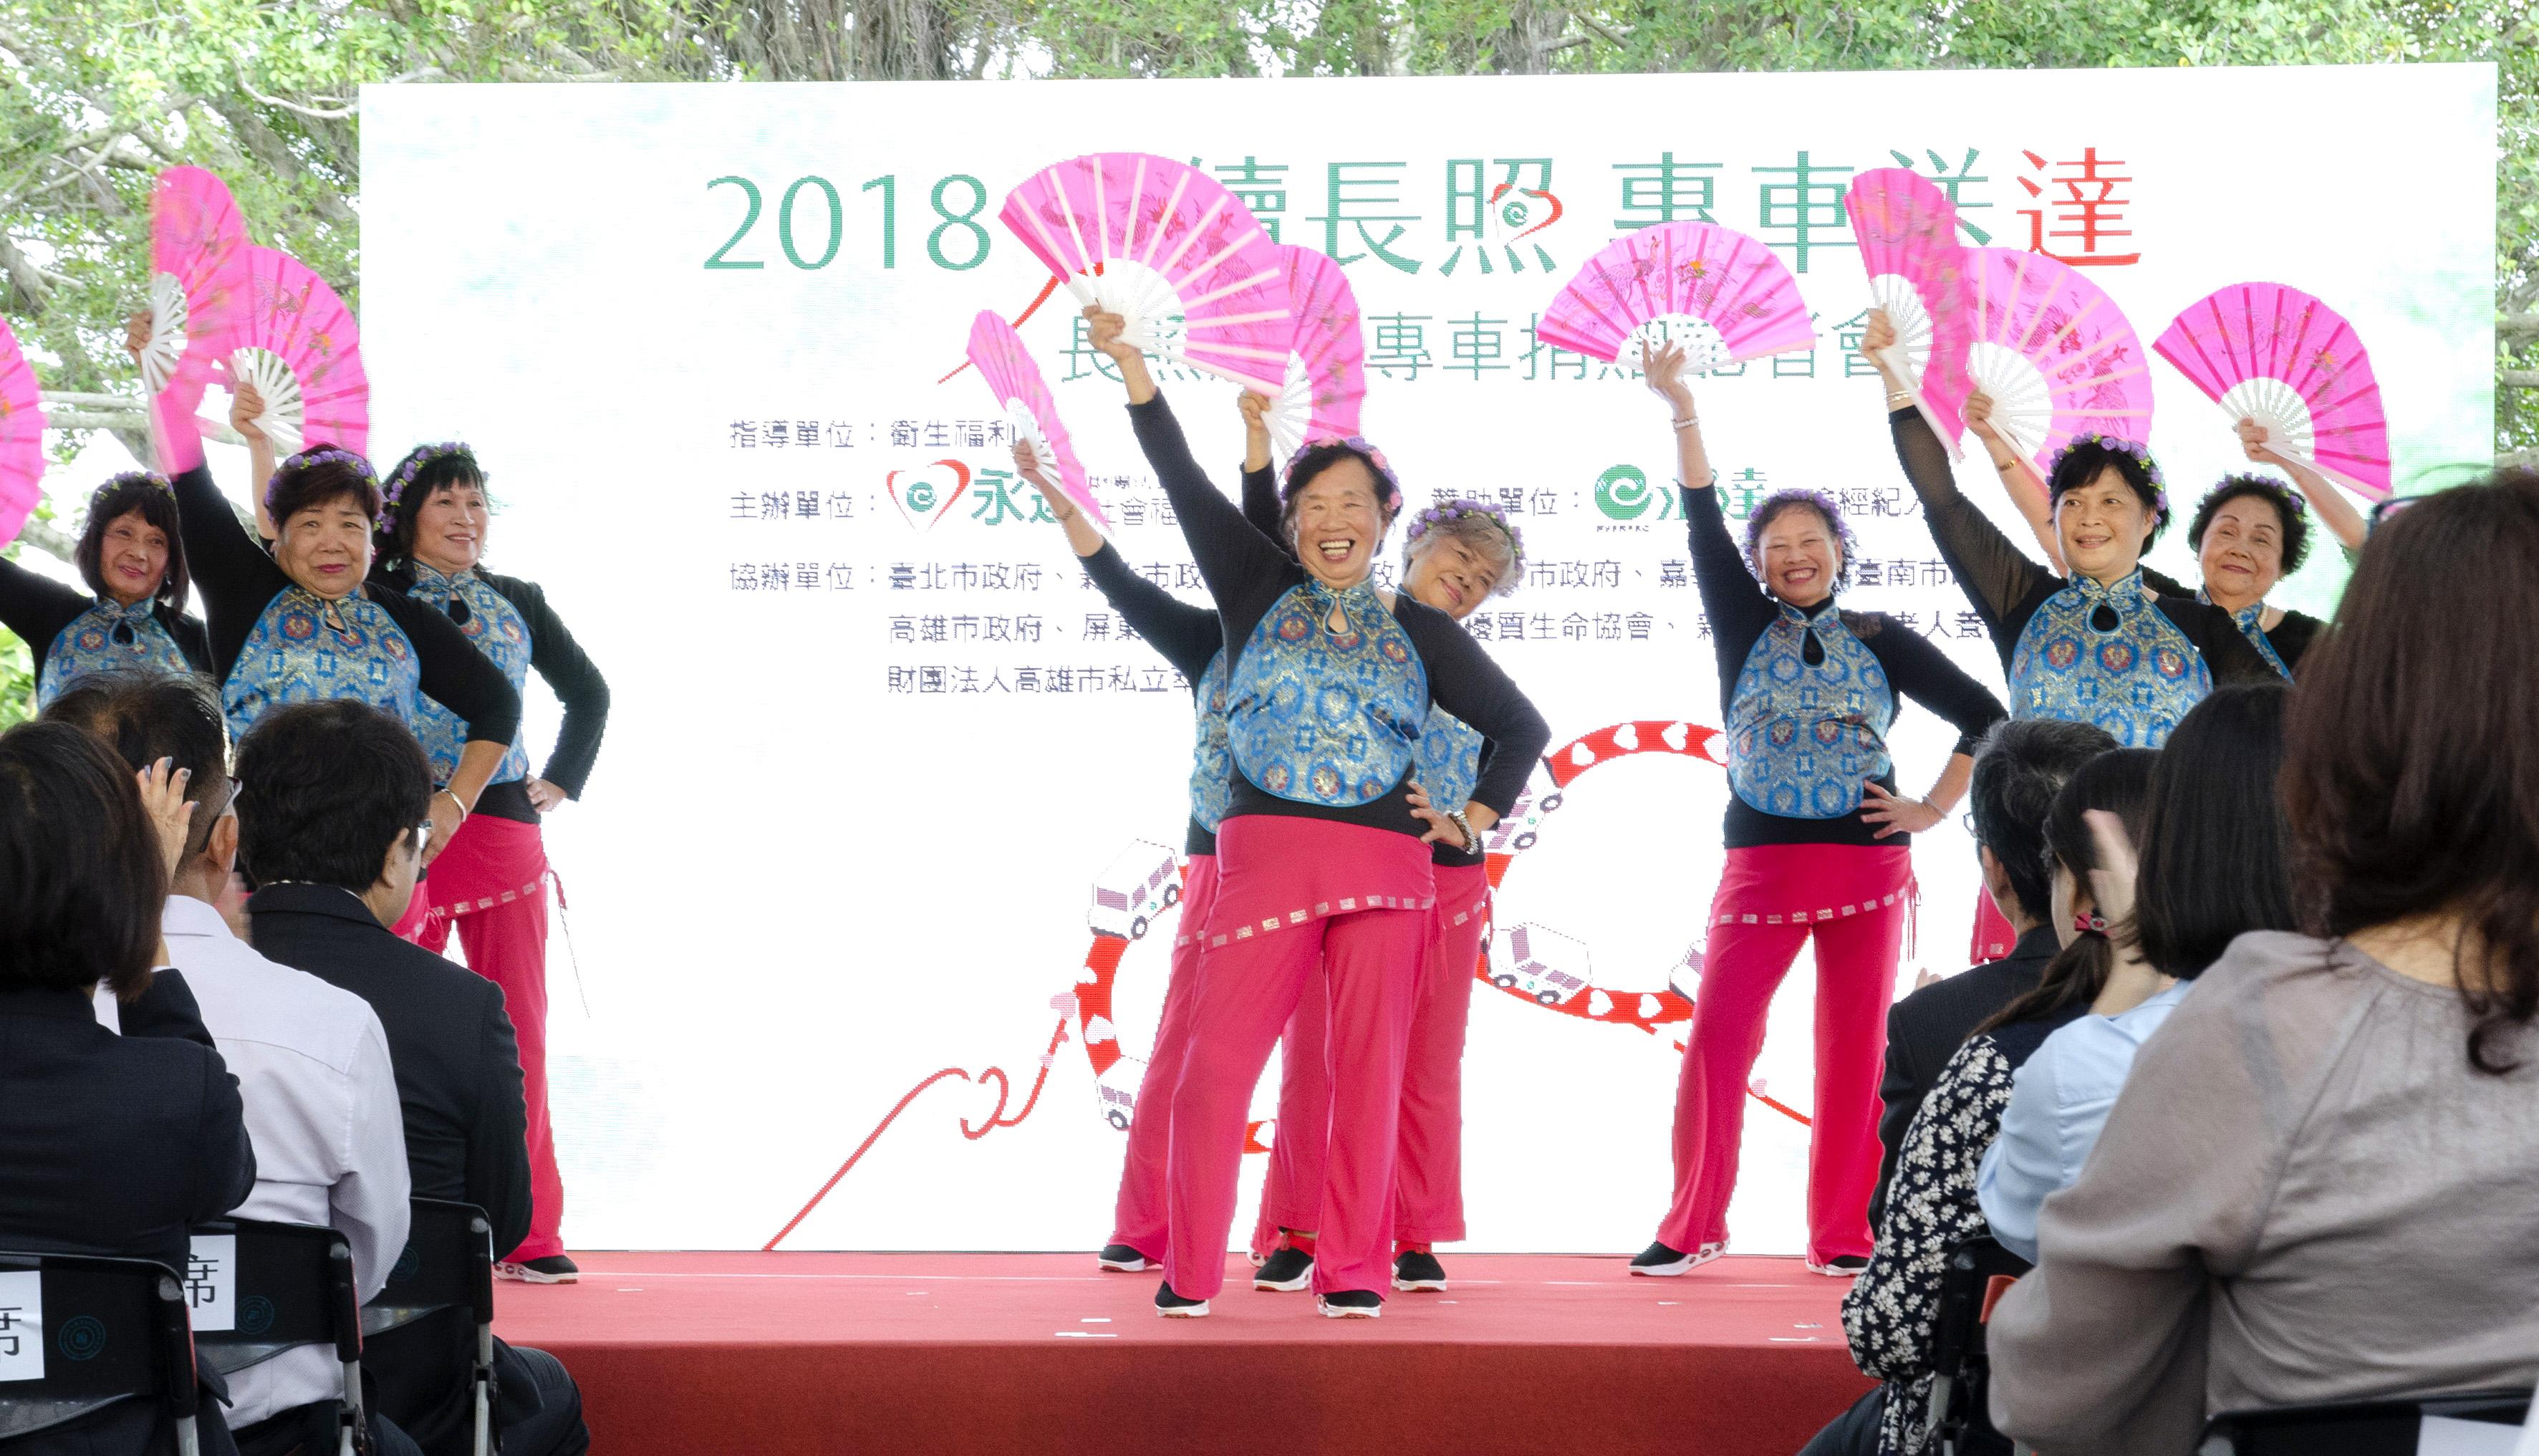 一群平均80歲的不老舞者-叮噹隊,以熱情有勁的扇子舞炒熱記者會氣氛。